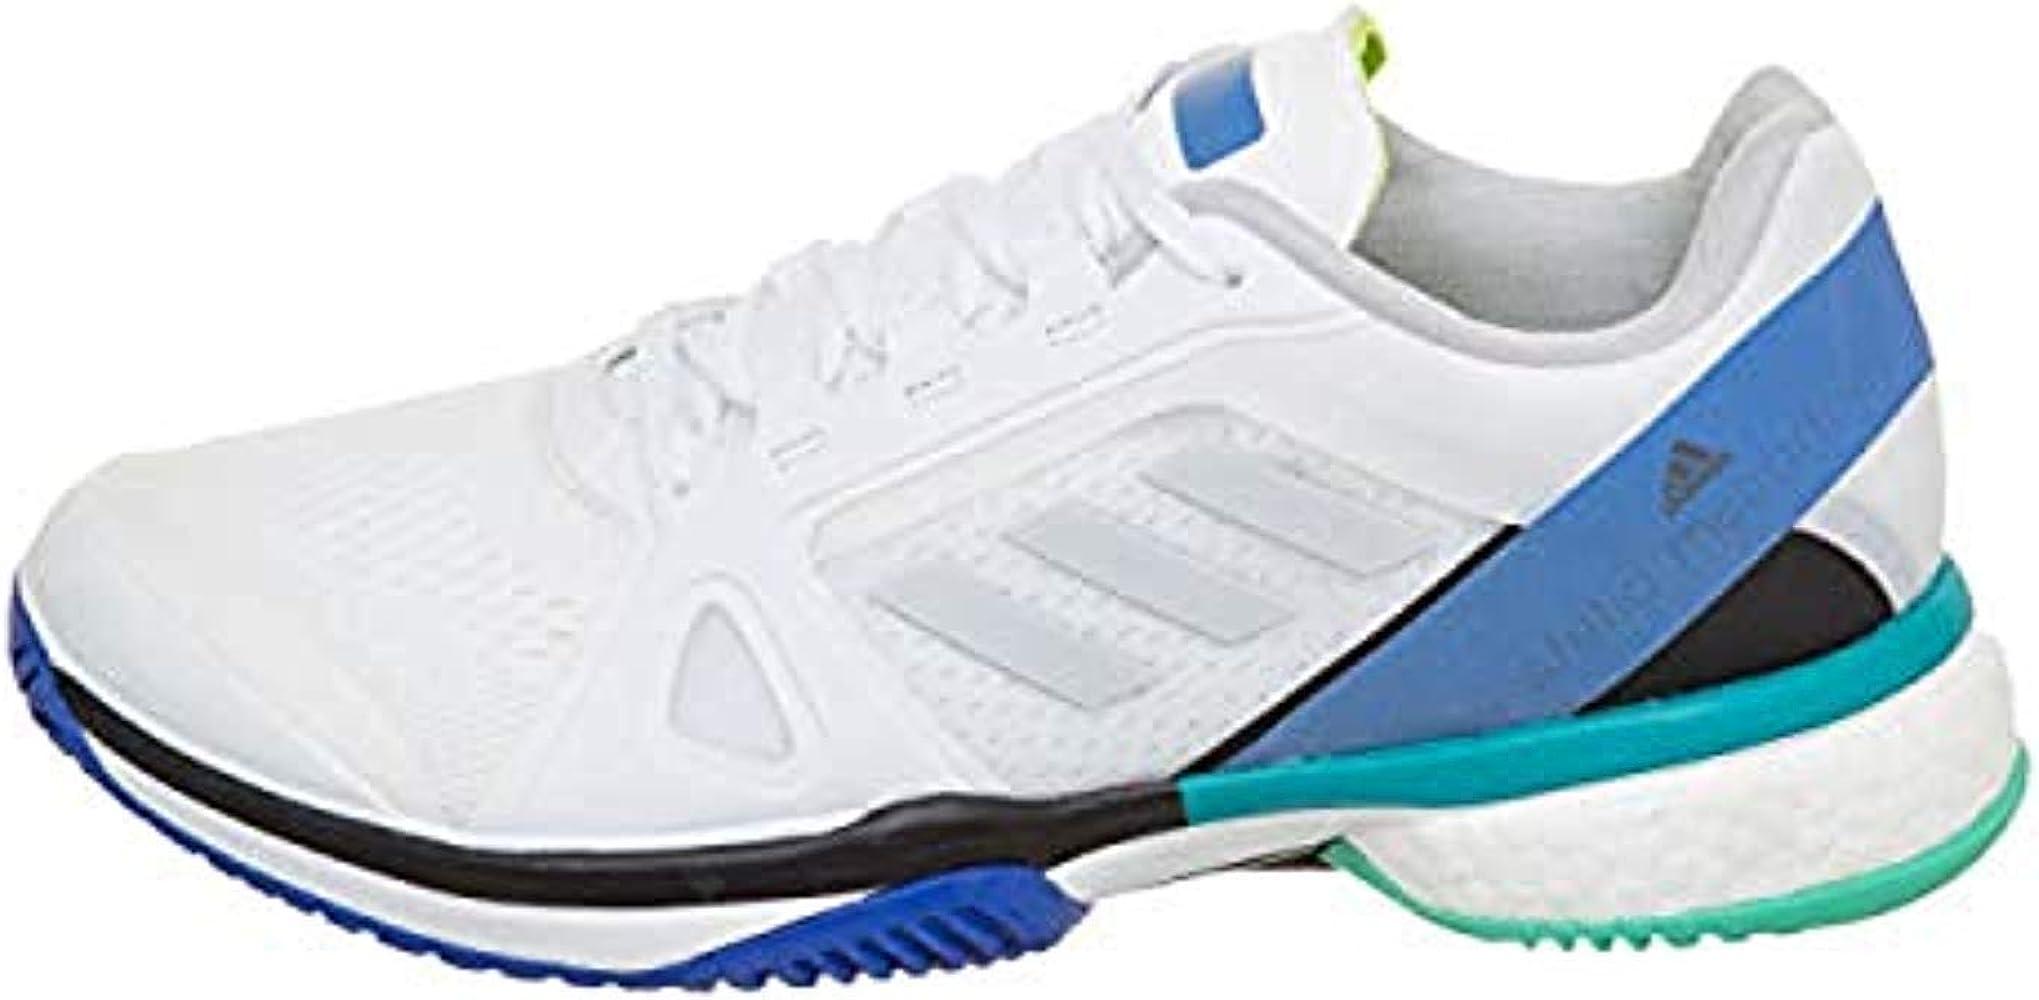 Adidas by Stella McCartney Stella Barricade Ftwr bianco